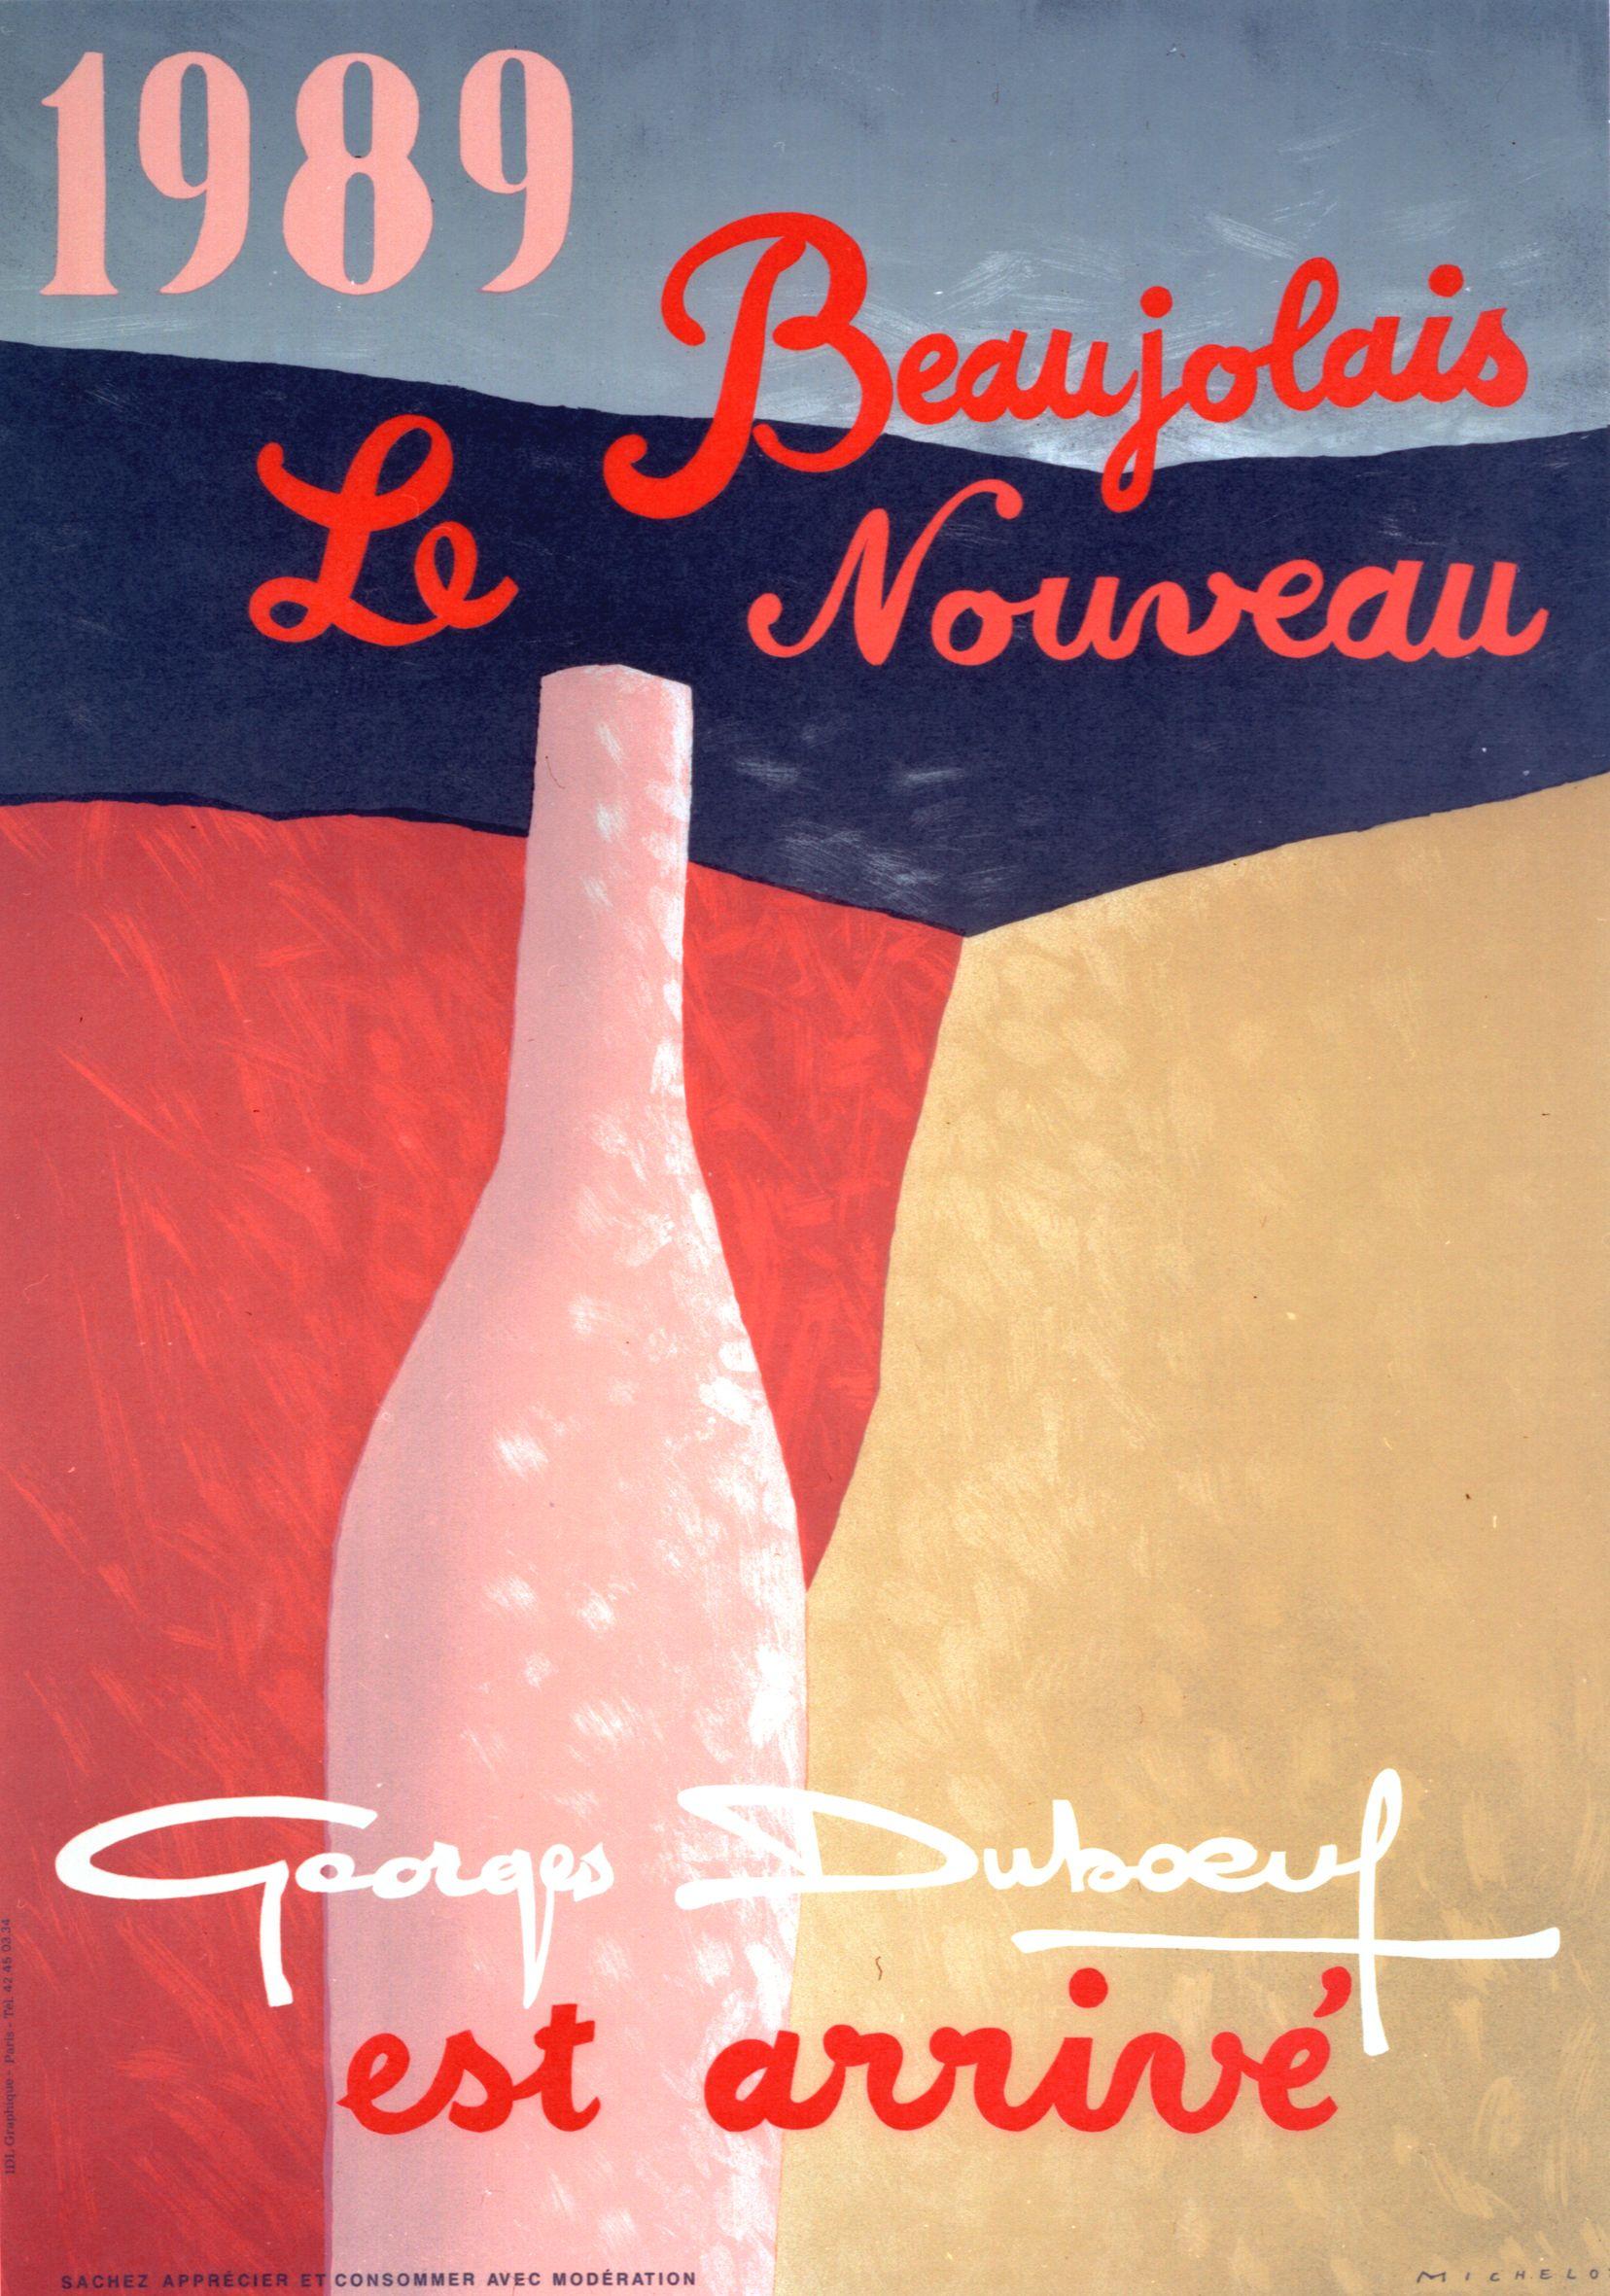 Beaujolais Nouveau 1989 Fete De La Biere Le Beaujolais Affiches Publicitaires